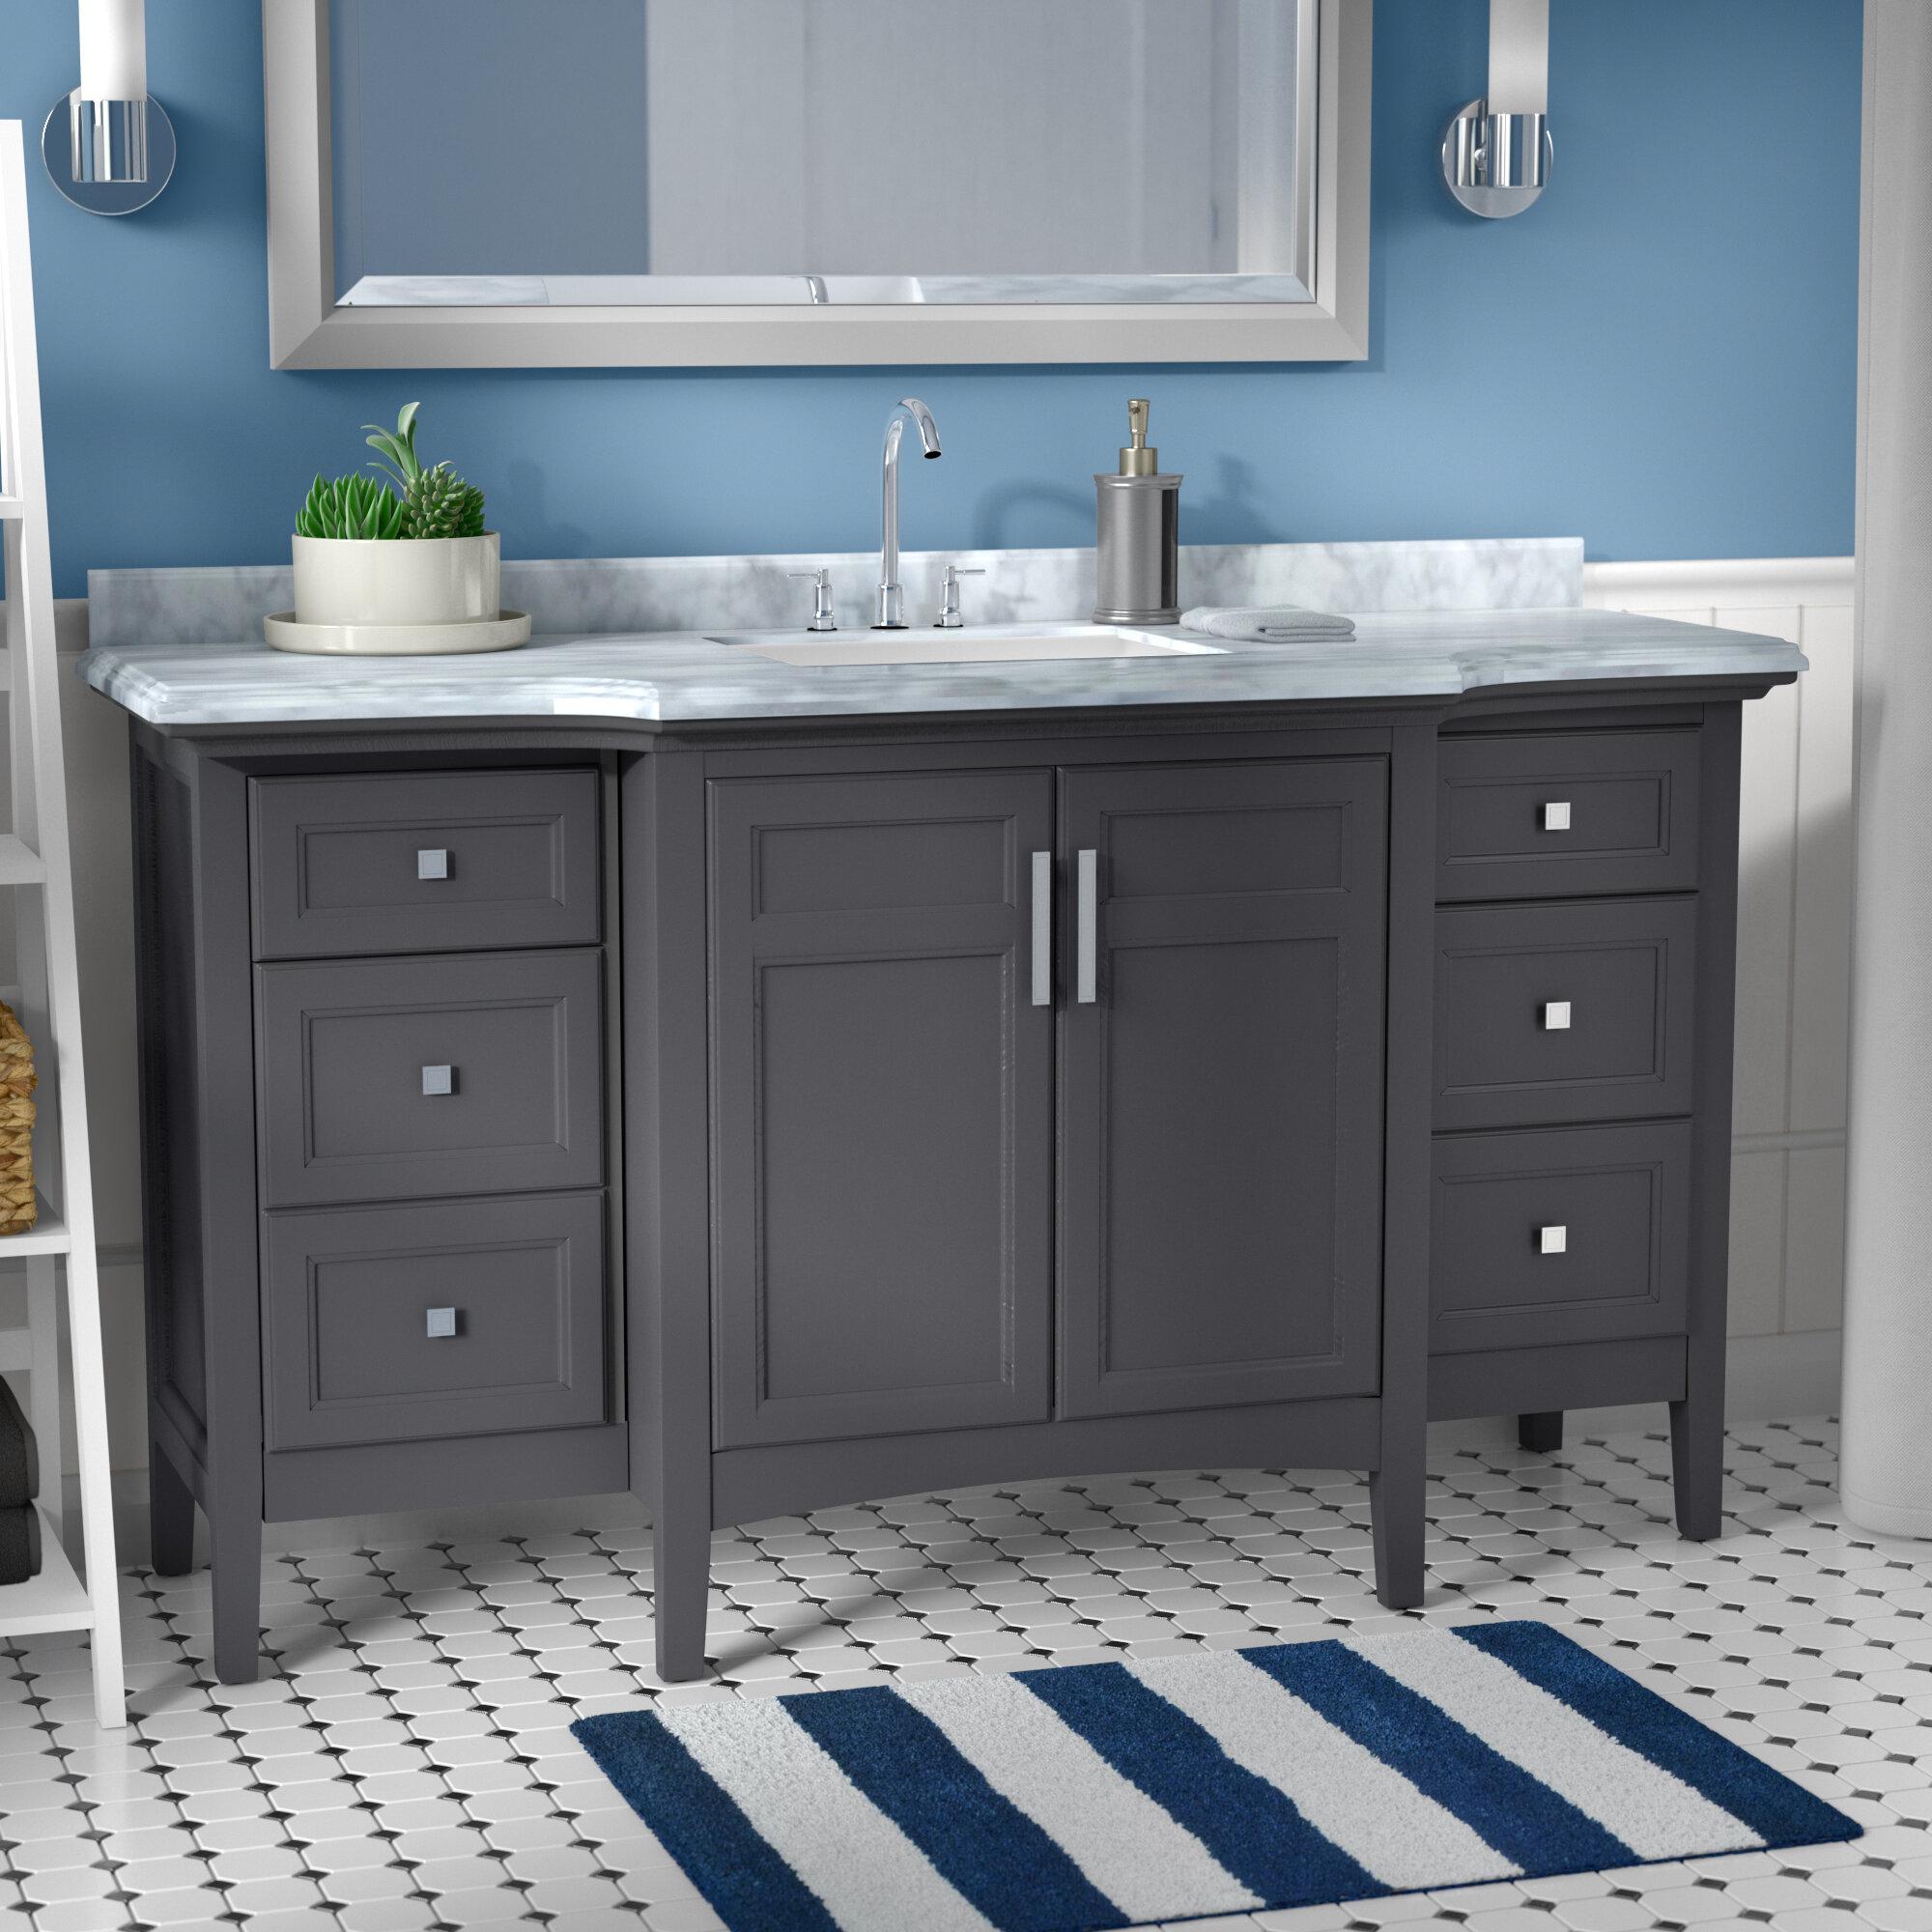 60 Inch Bathroom Vanity With Makeup Table Ikea Makeup Vanities